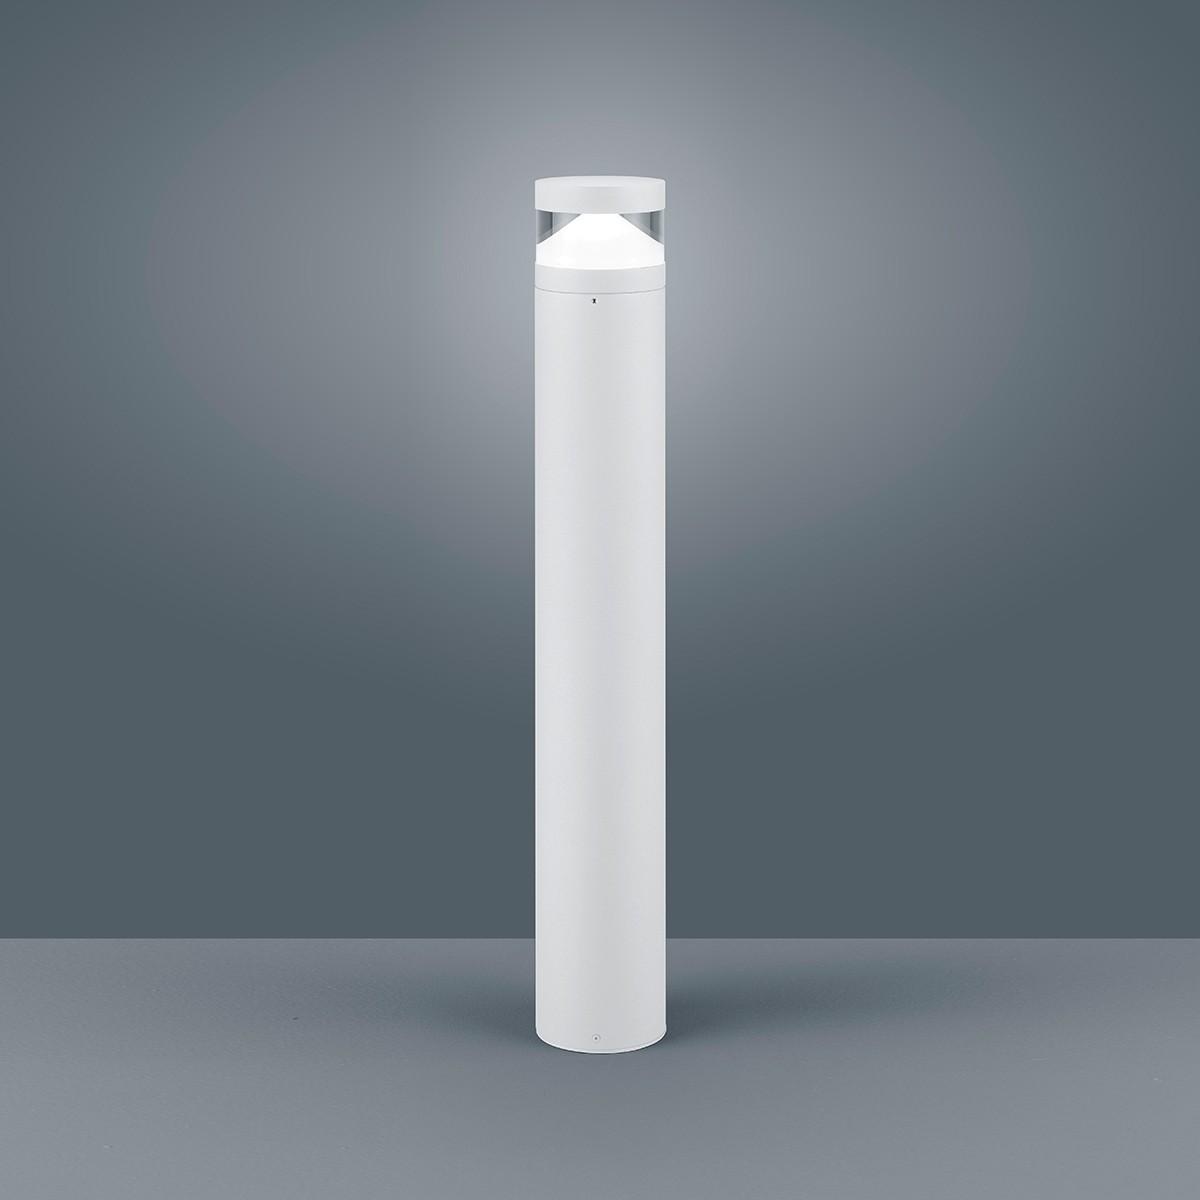 Helestra Mono LED Pollerleuchte, weiß matt